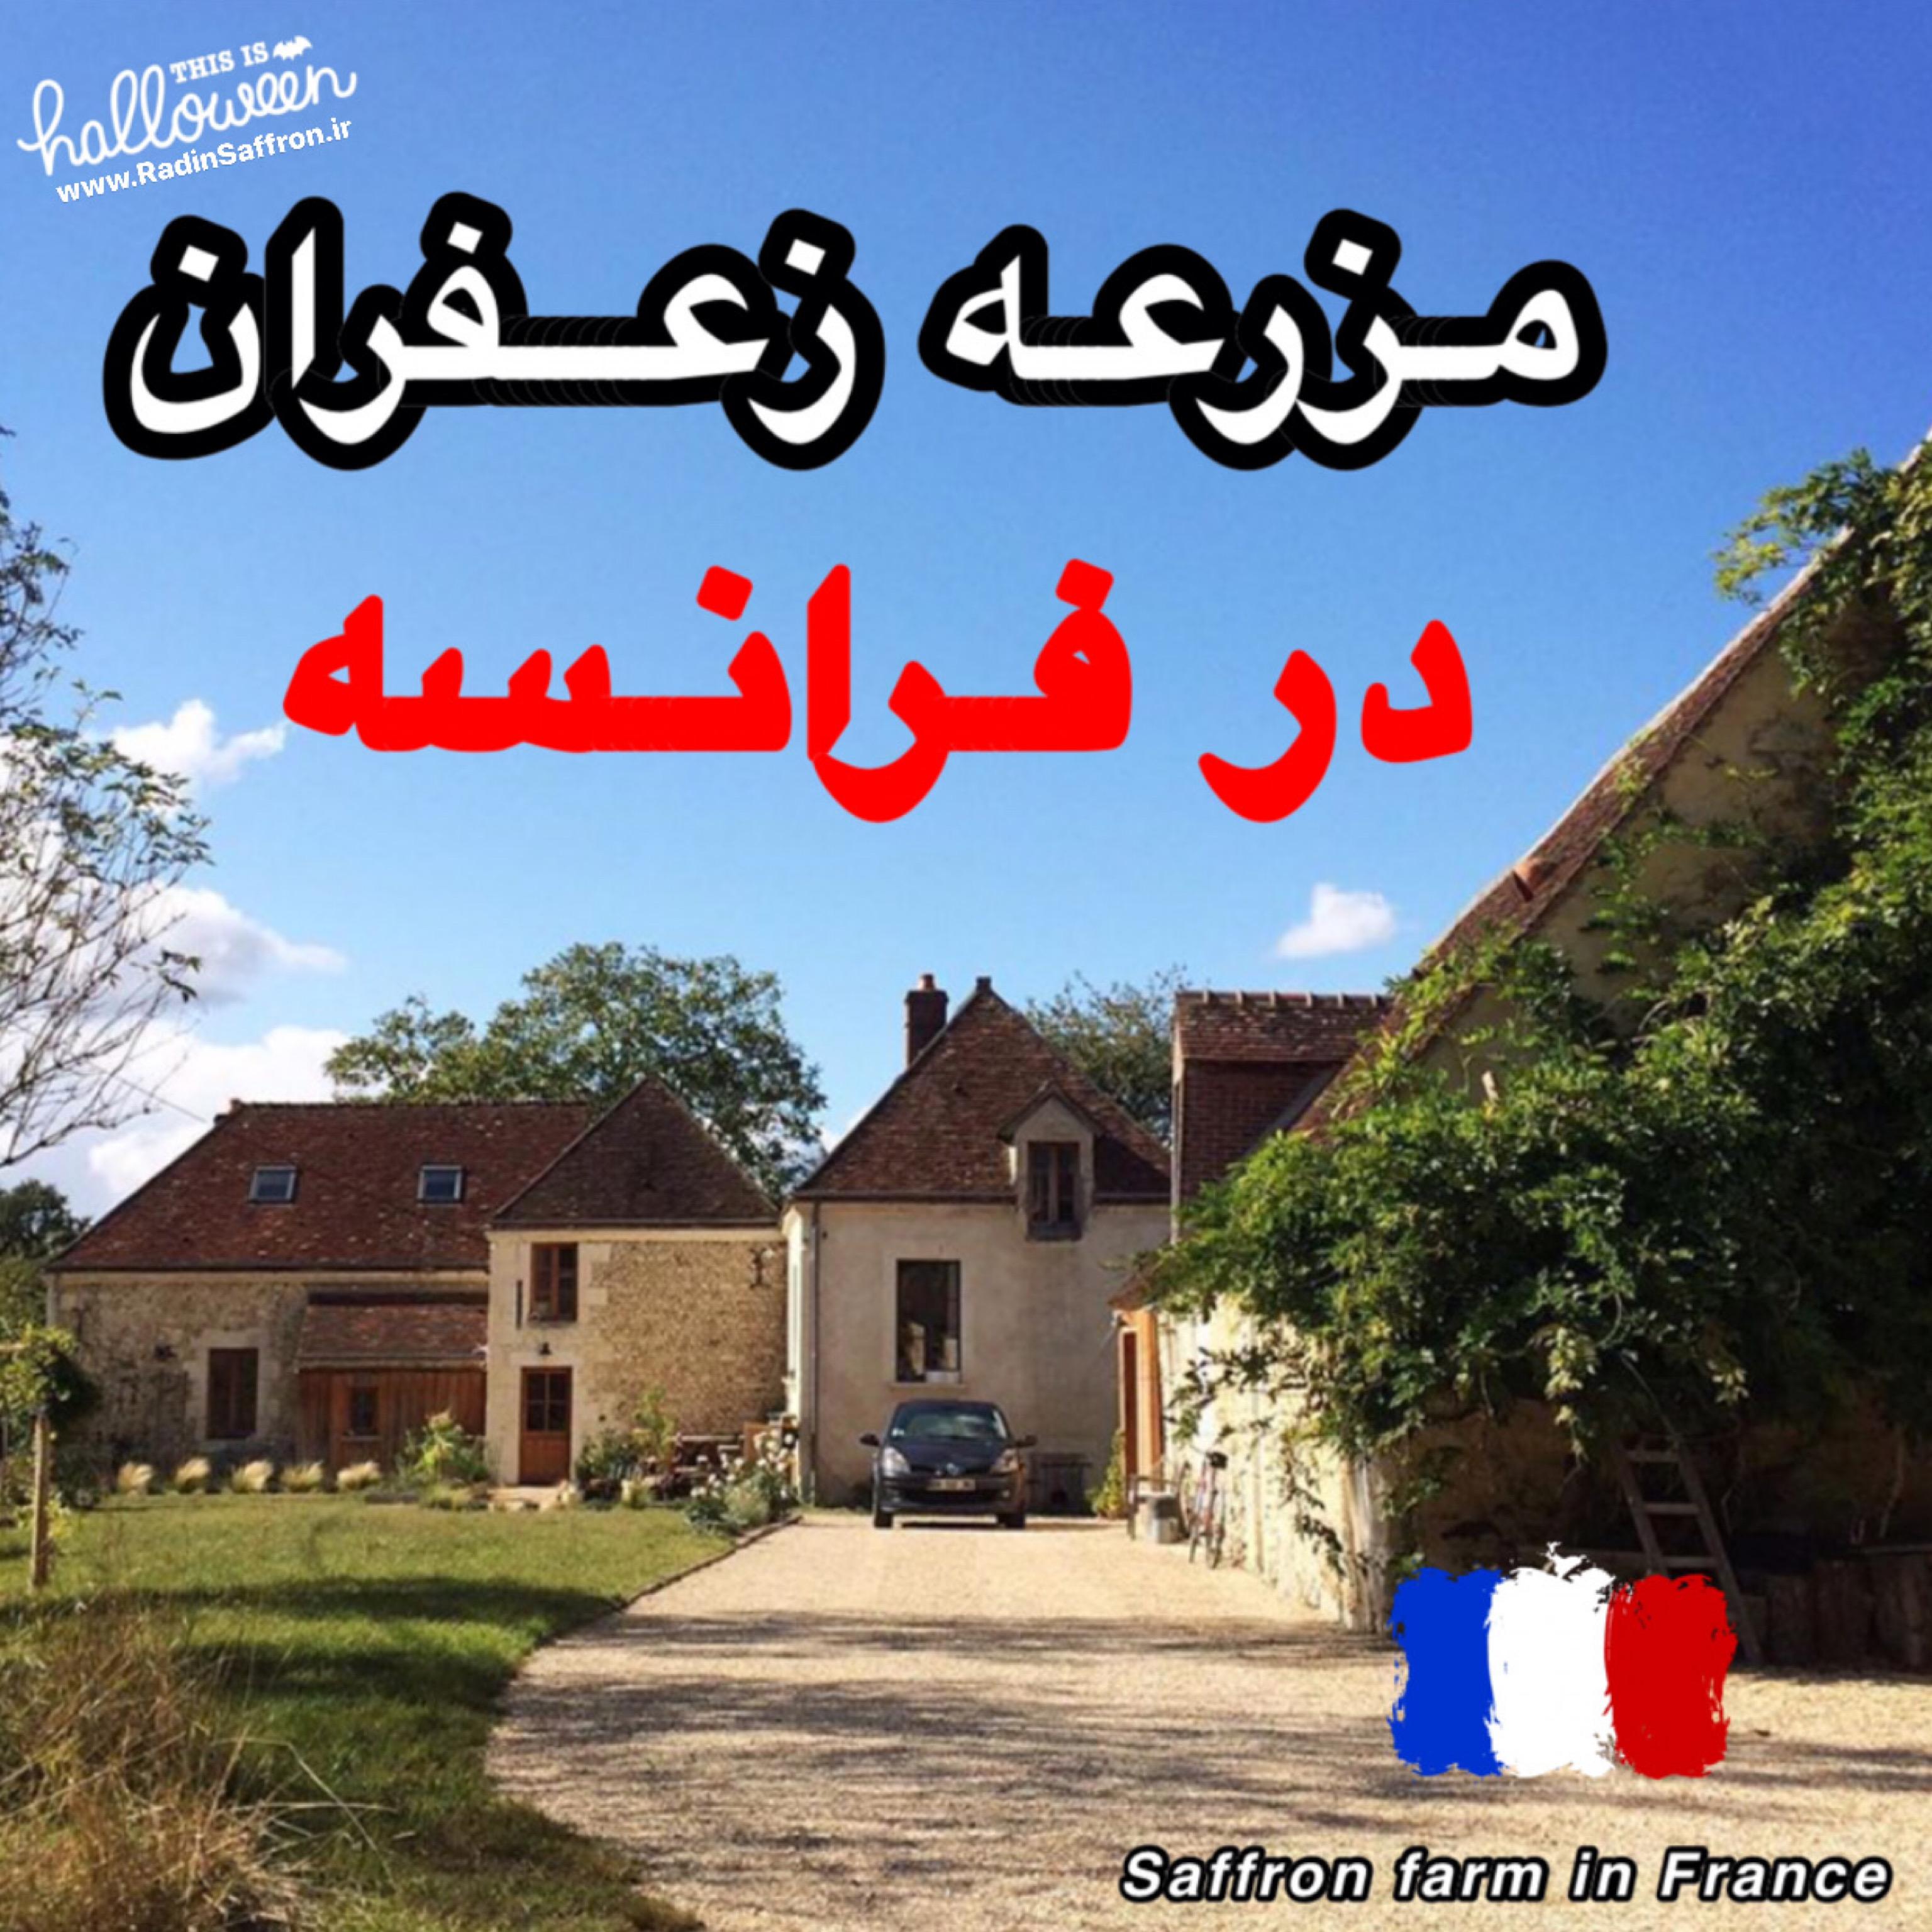 مزرعه زعفران در کشور فرانسه